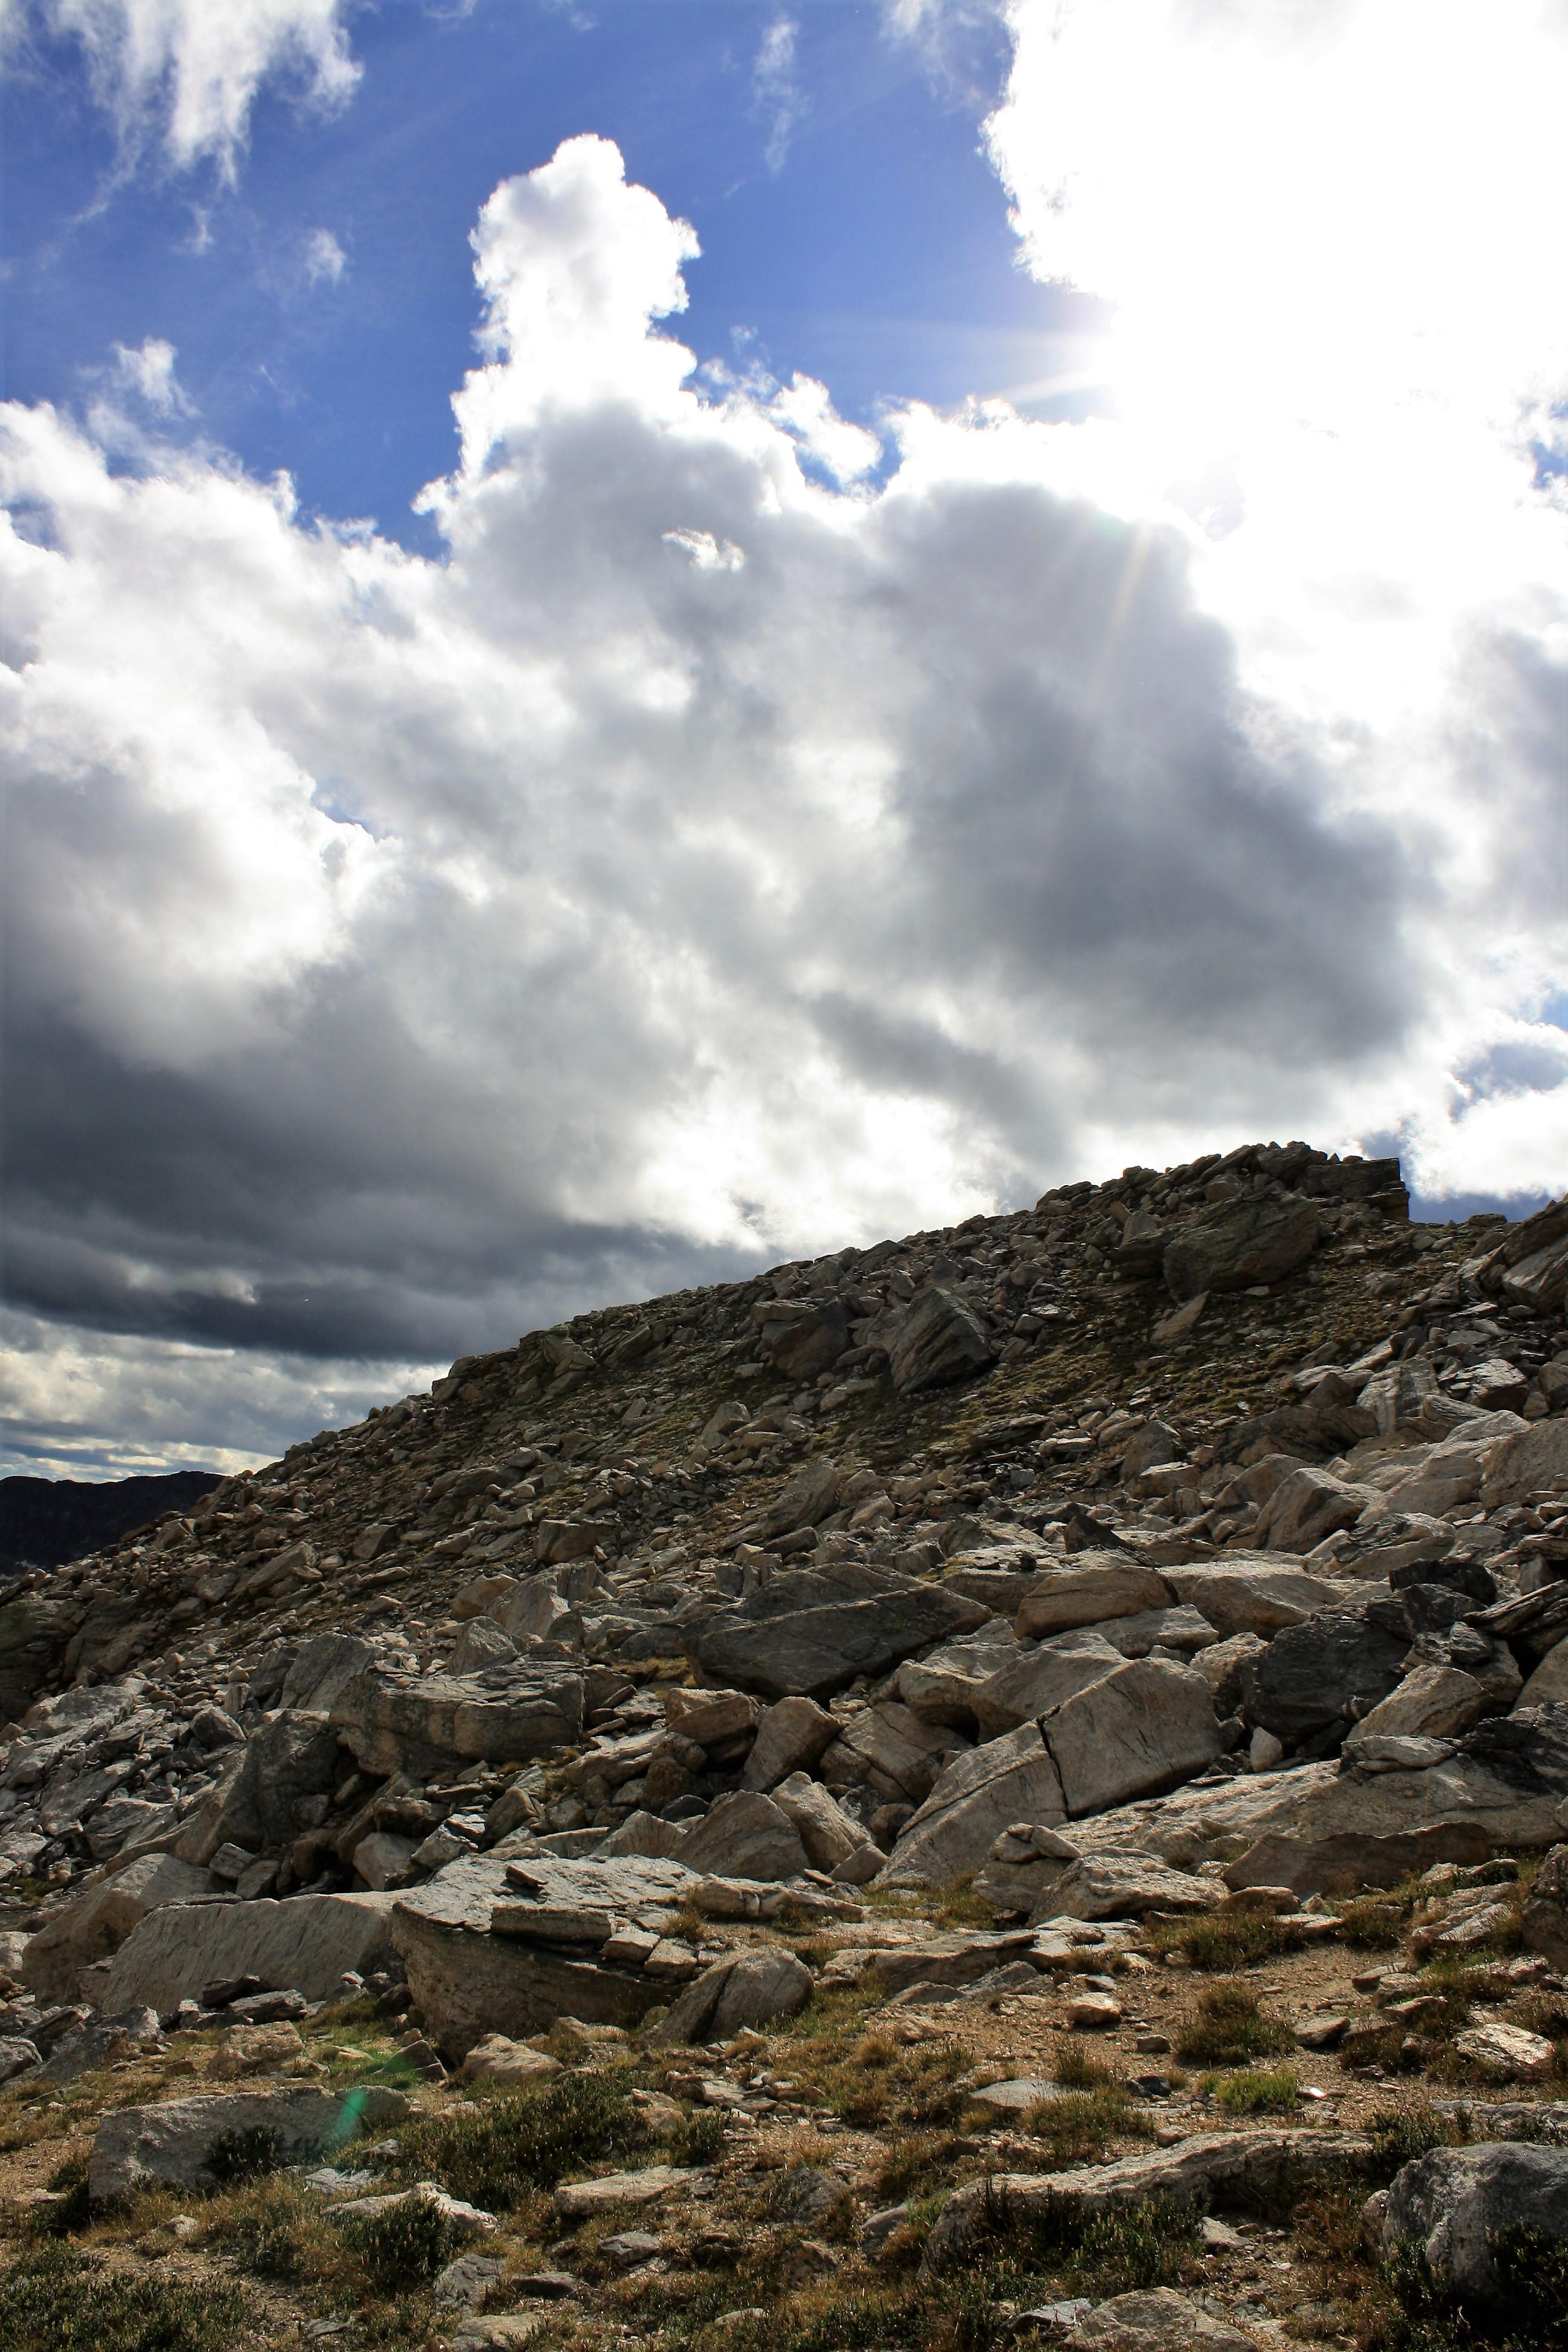 DM_nature_landscape_gimliparadise_0199